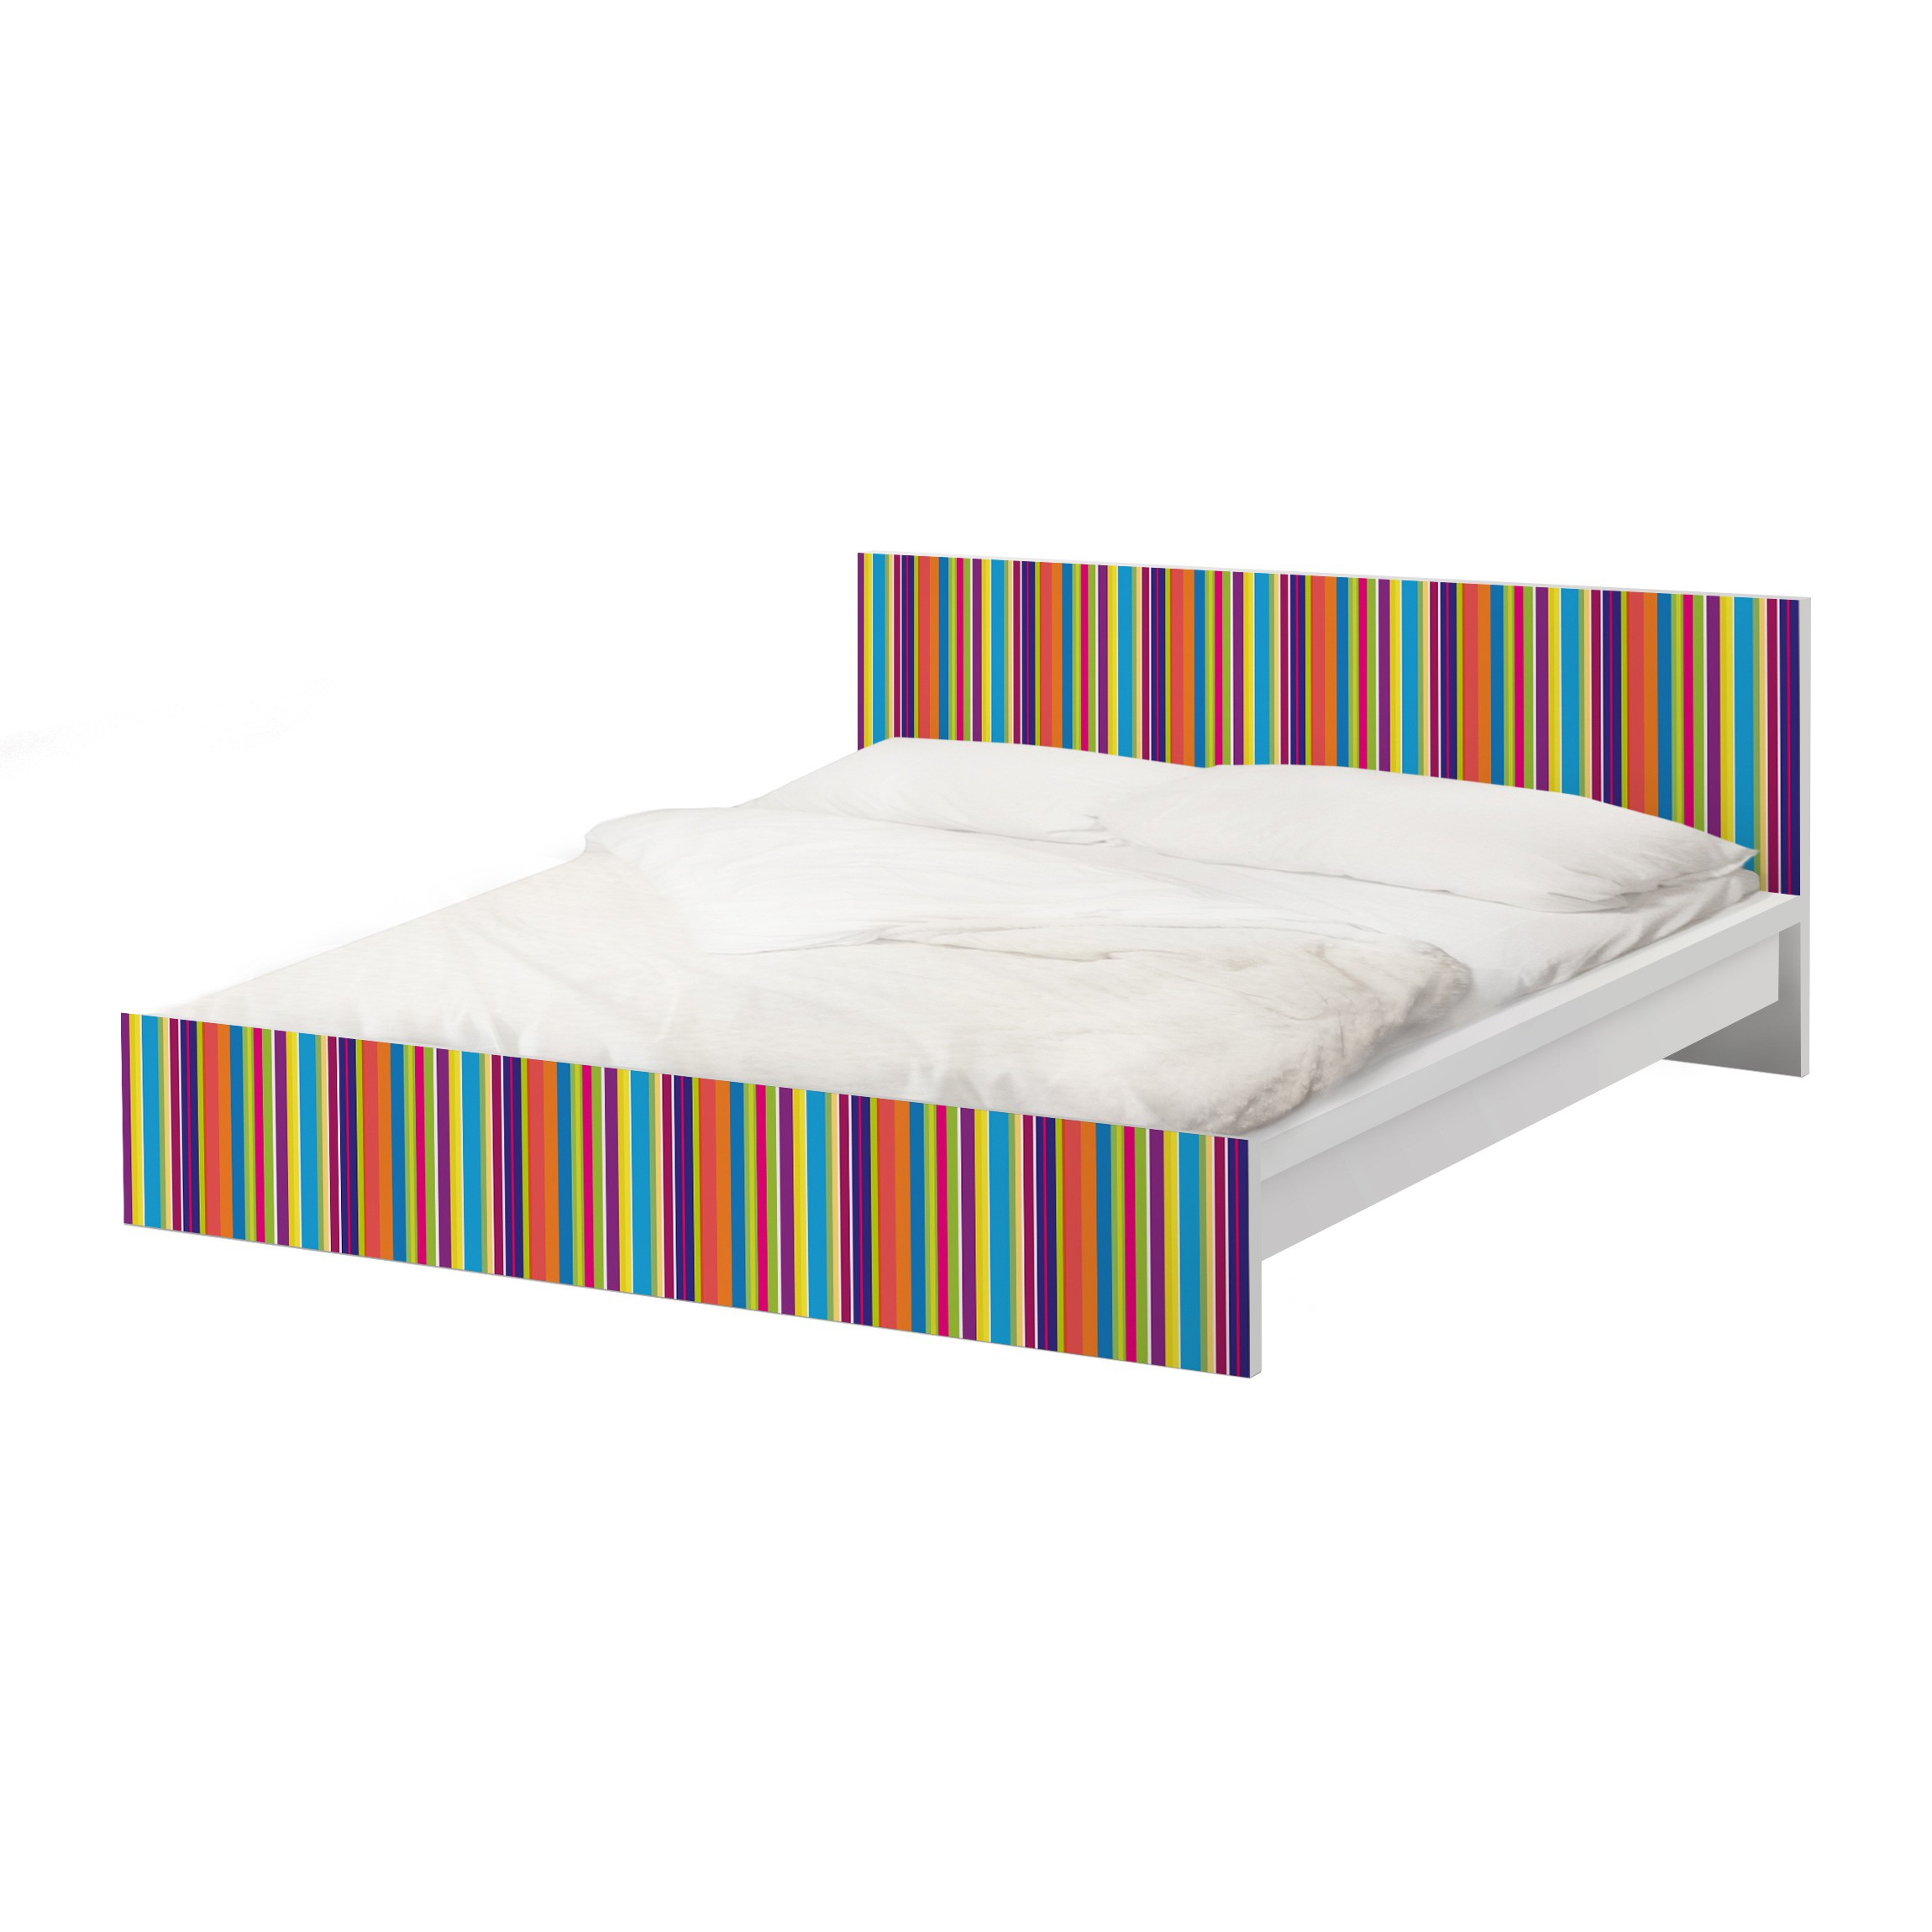 Carta adesiva per mobili ikea malm letto basso 160x200cm happy stripes - Carta adesiva per mobili bambini ...